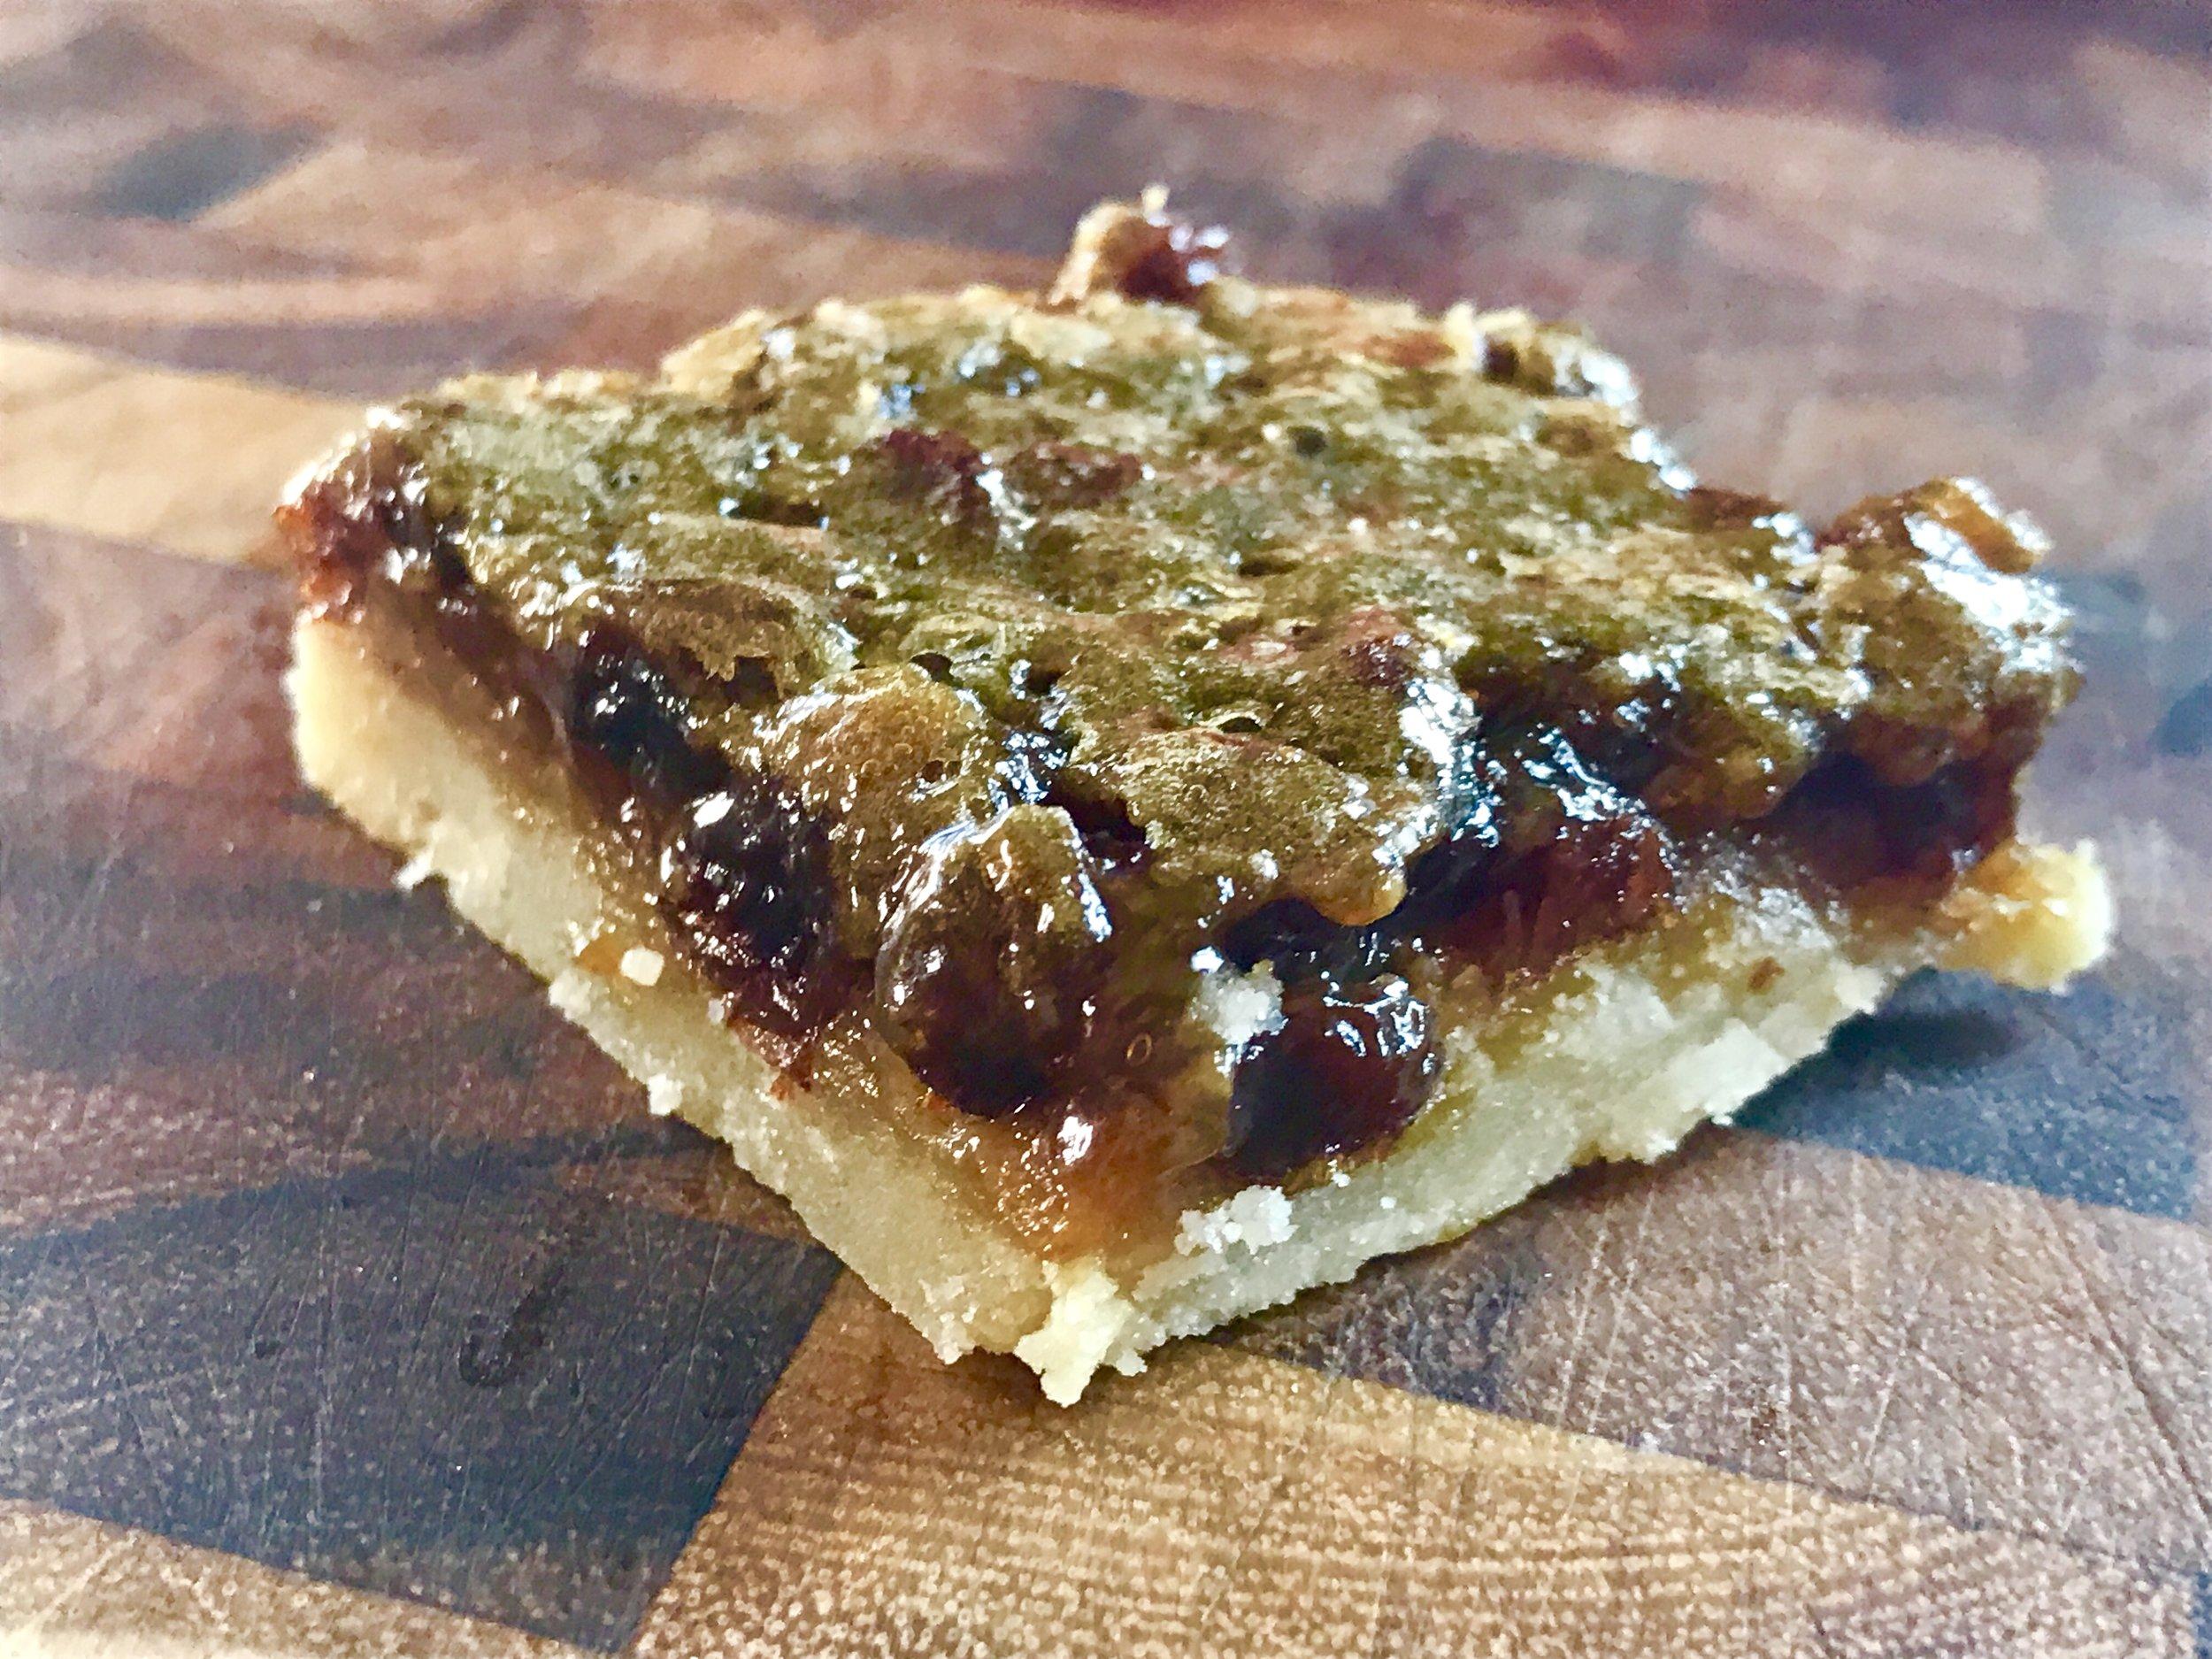 Butter Tart Slice see recipe here  https://www.alittleofanything.com/home/2017/6/24/classic-butter-tart-updated